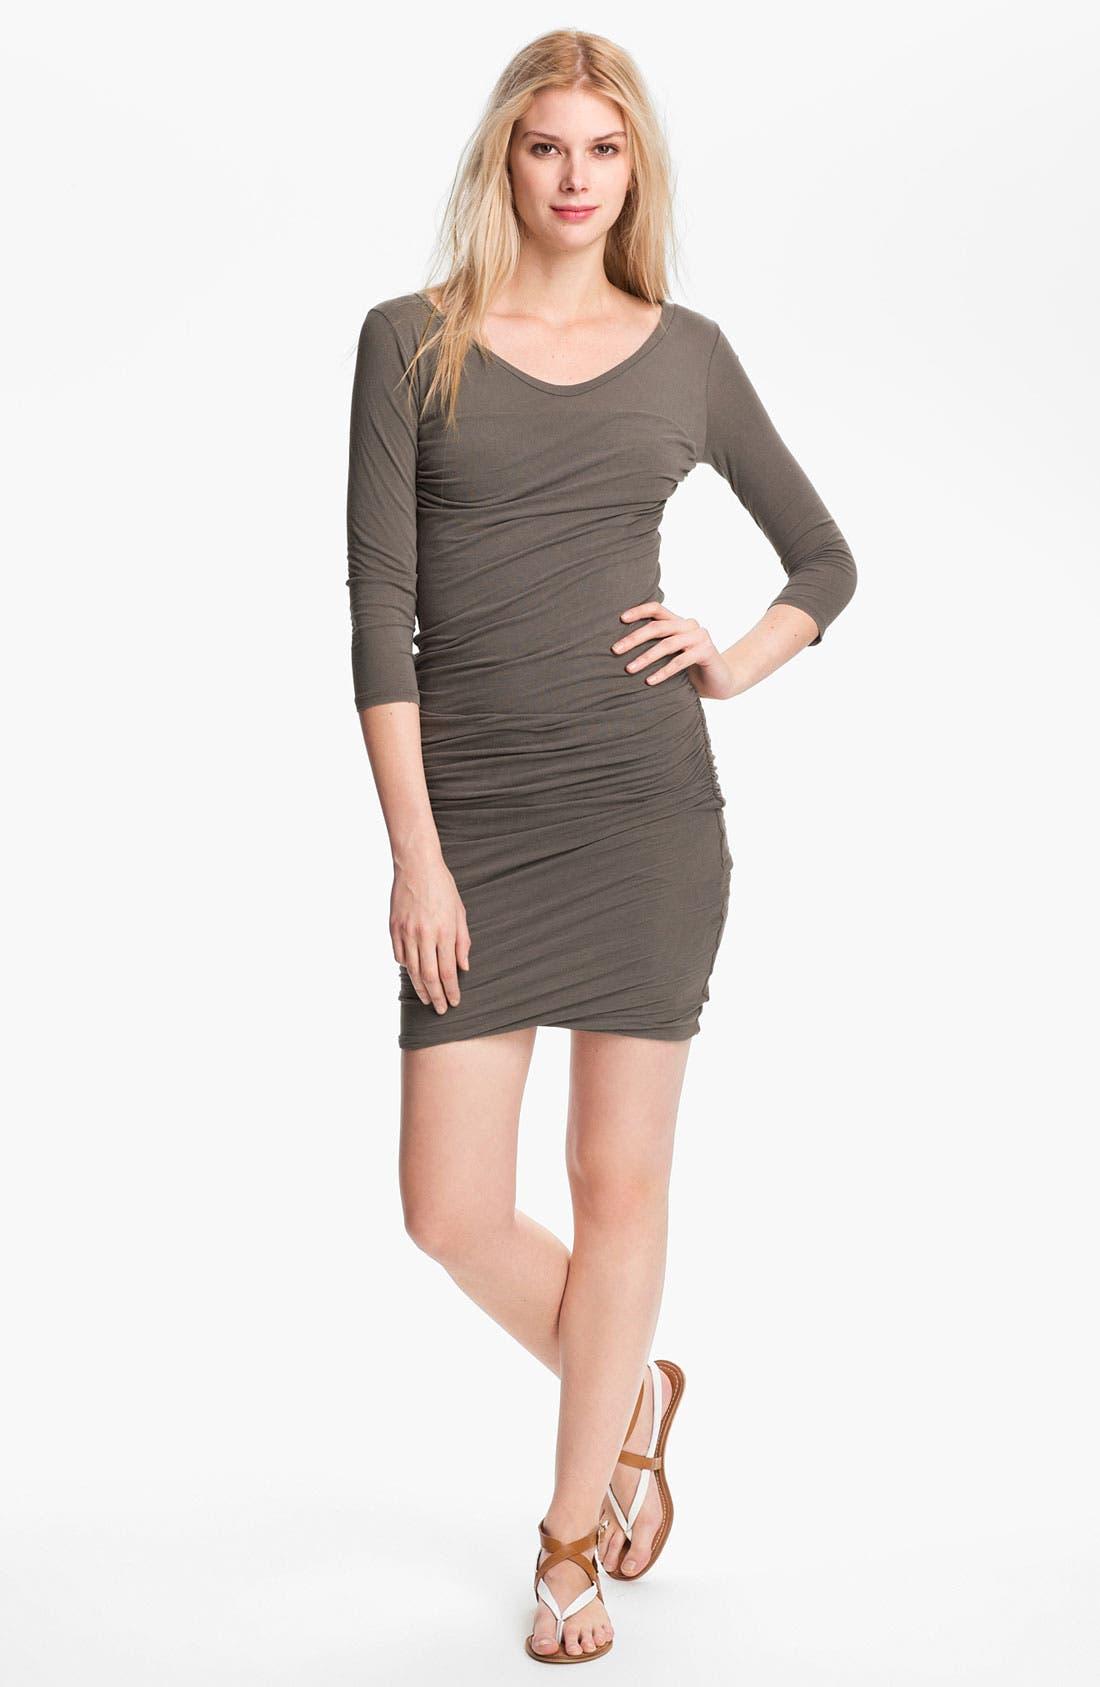 Alternate Image 1 Selected - James Perse Ruched V-Neck Dress